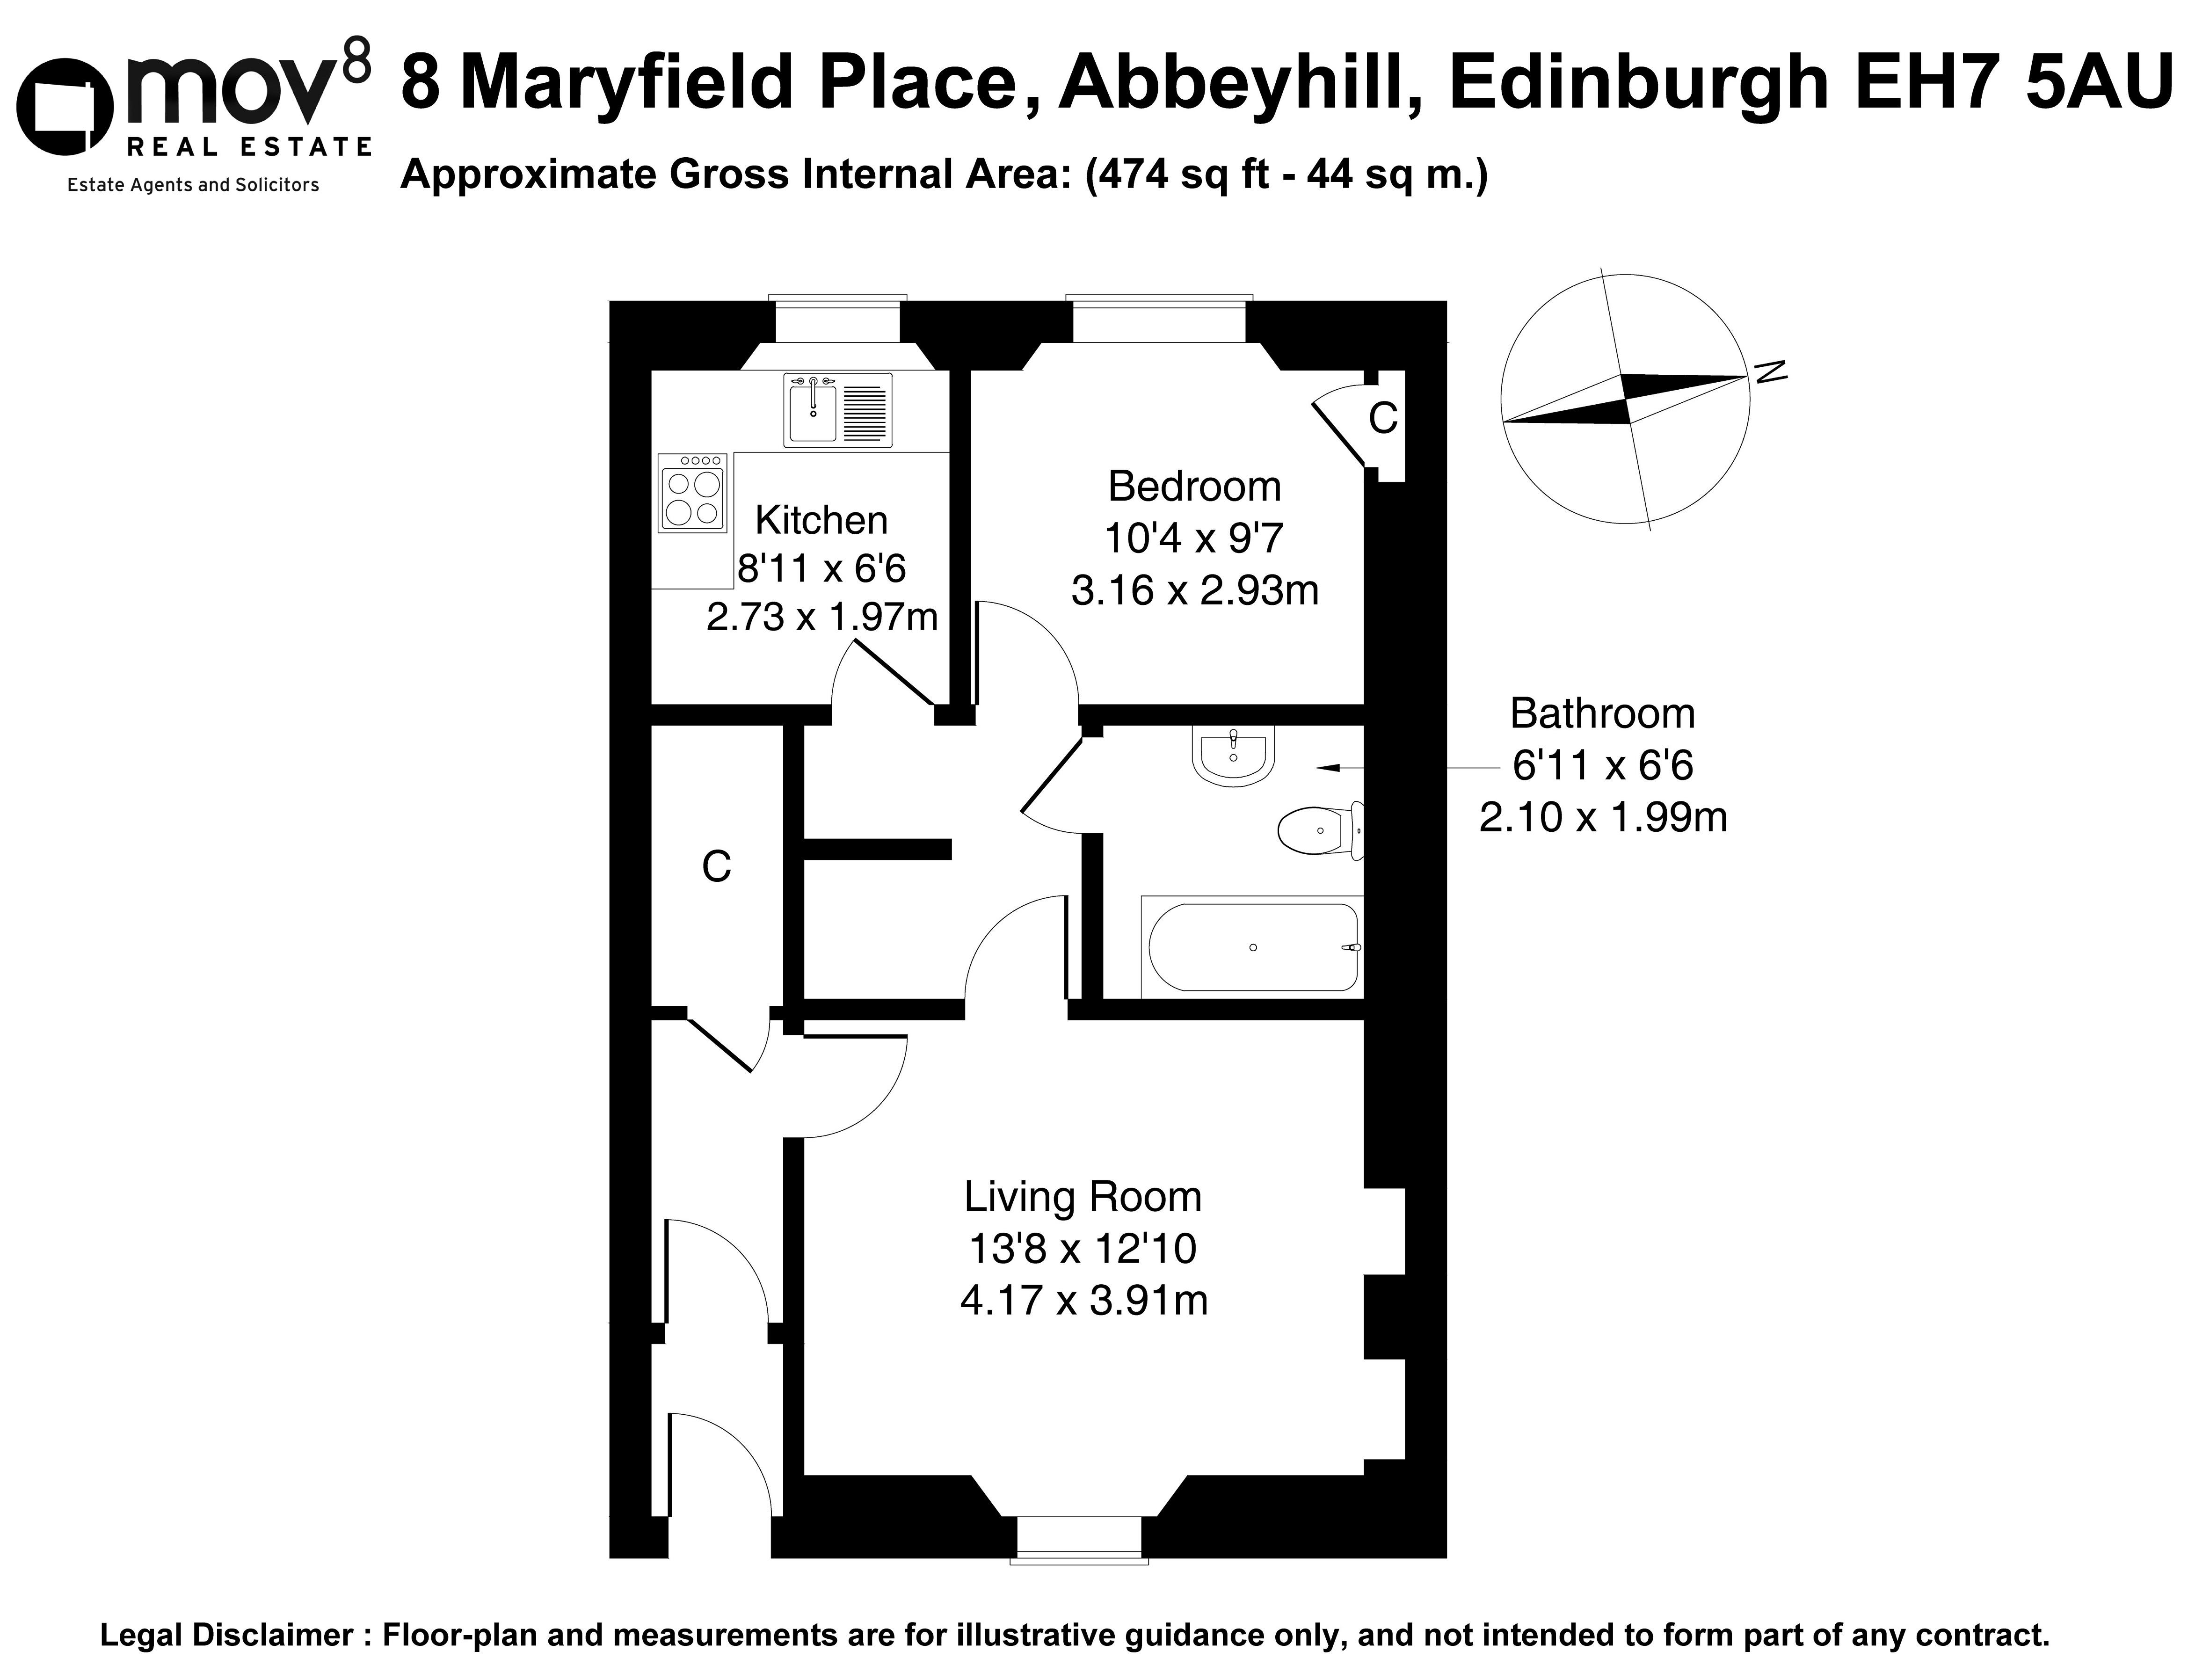 Floorplan 1 of 8 Maryfield Place, Abbeyhill, Edinburgh, EH7 5AU